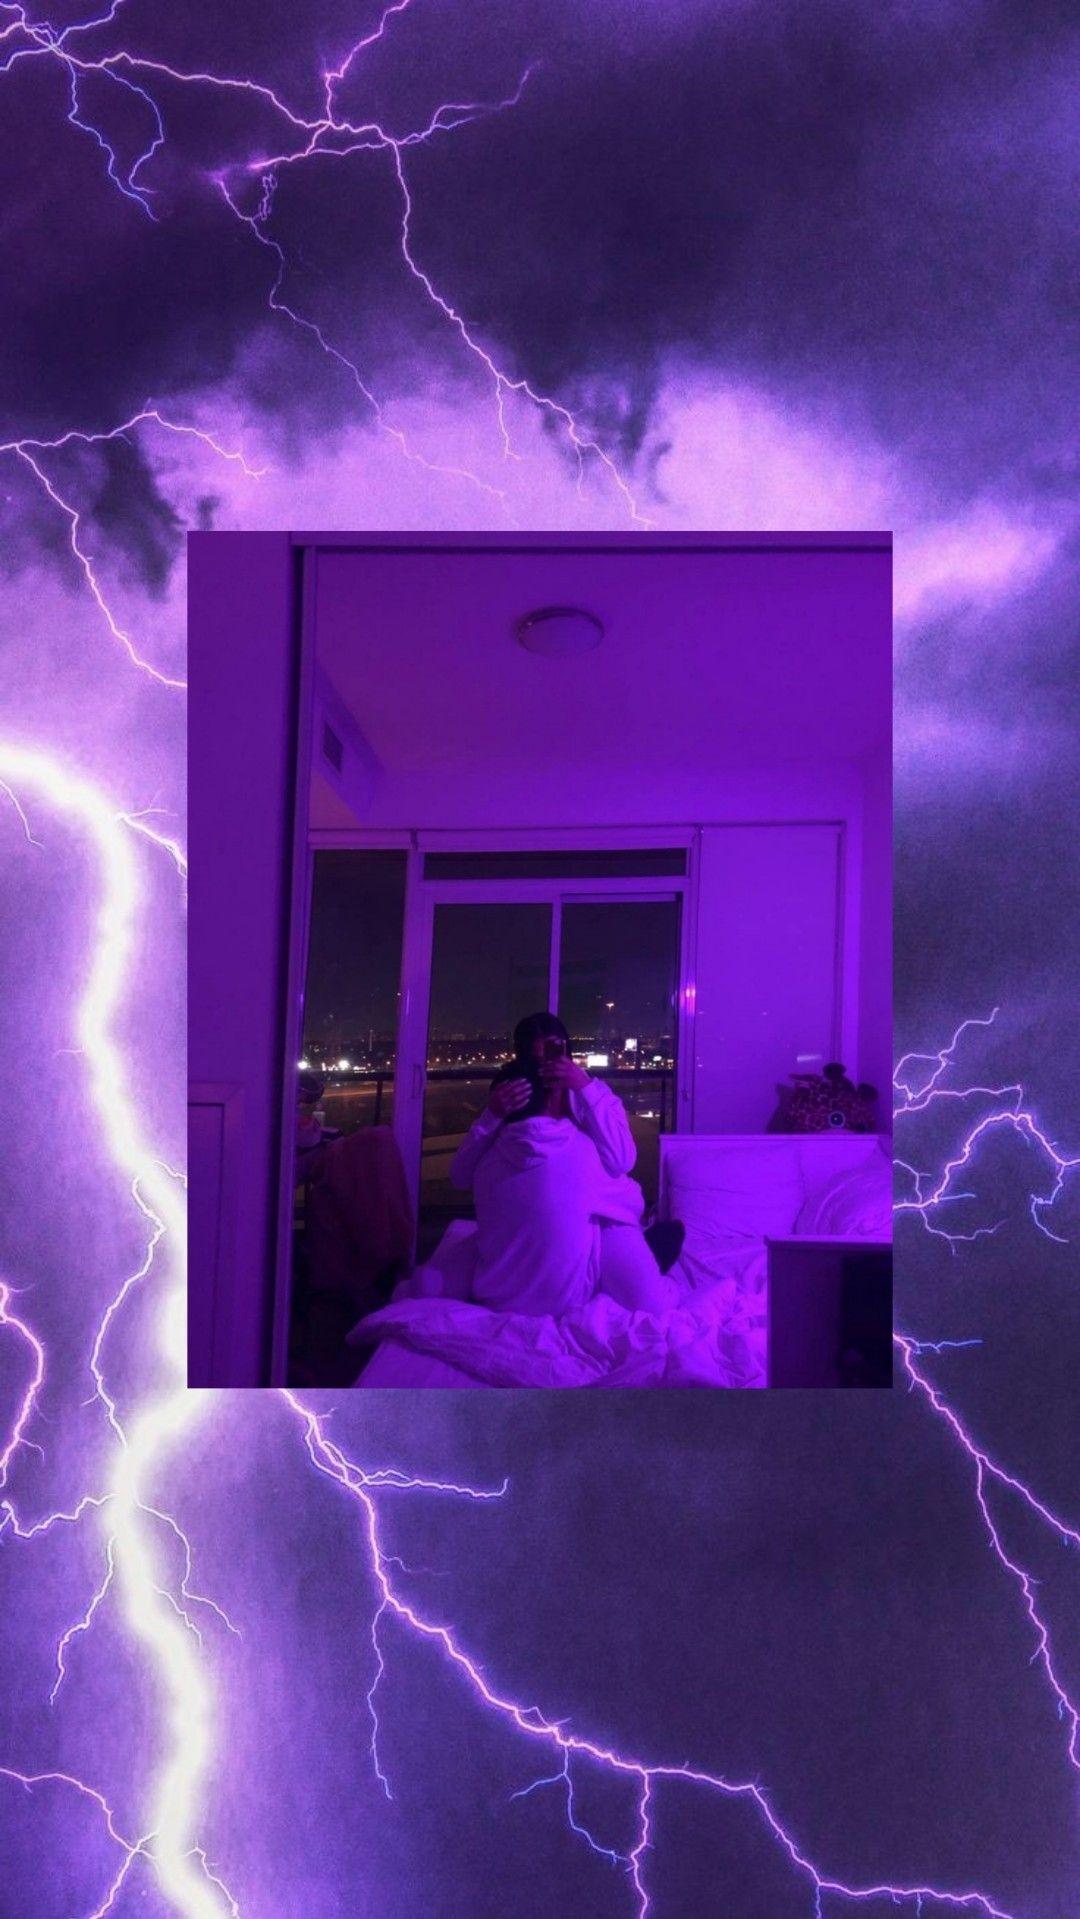 baddie couples instagram purple boy girl cutie wallpapers